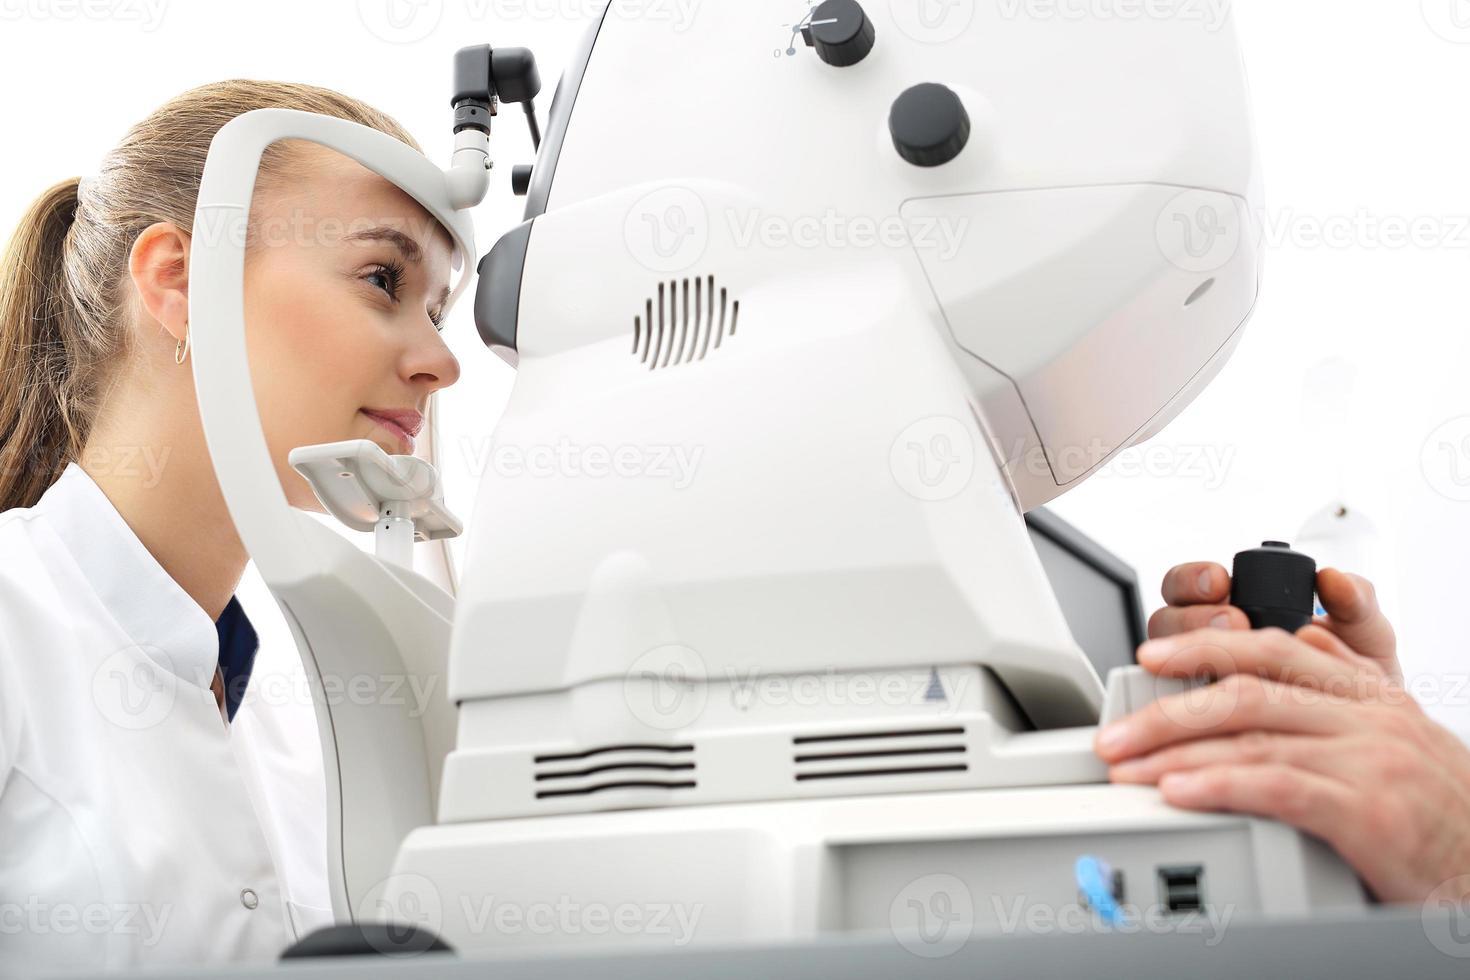 trycket i ögat, patienten med en ögonläkare foto